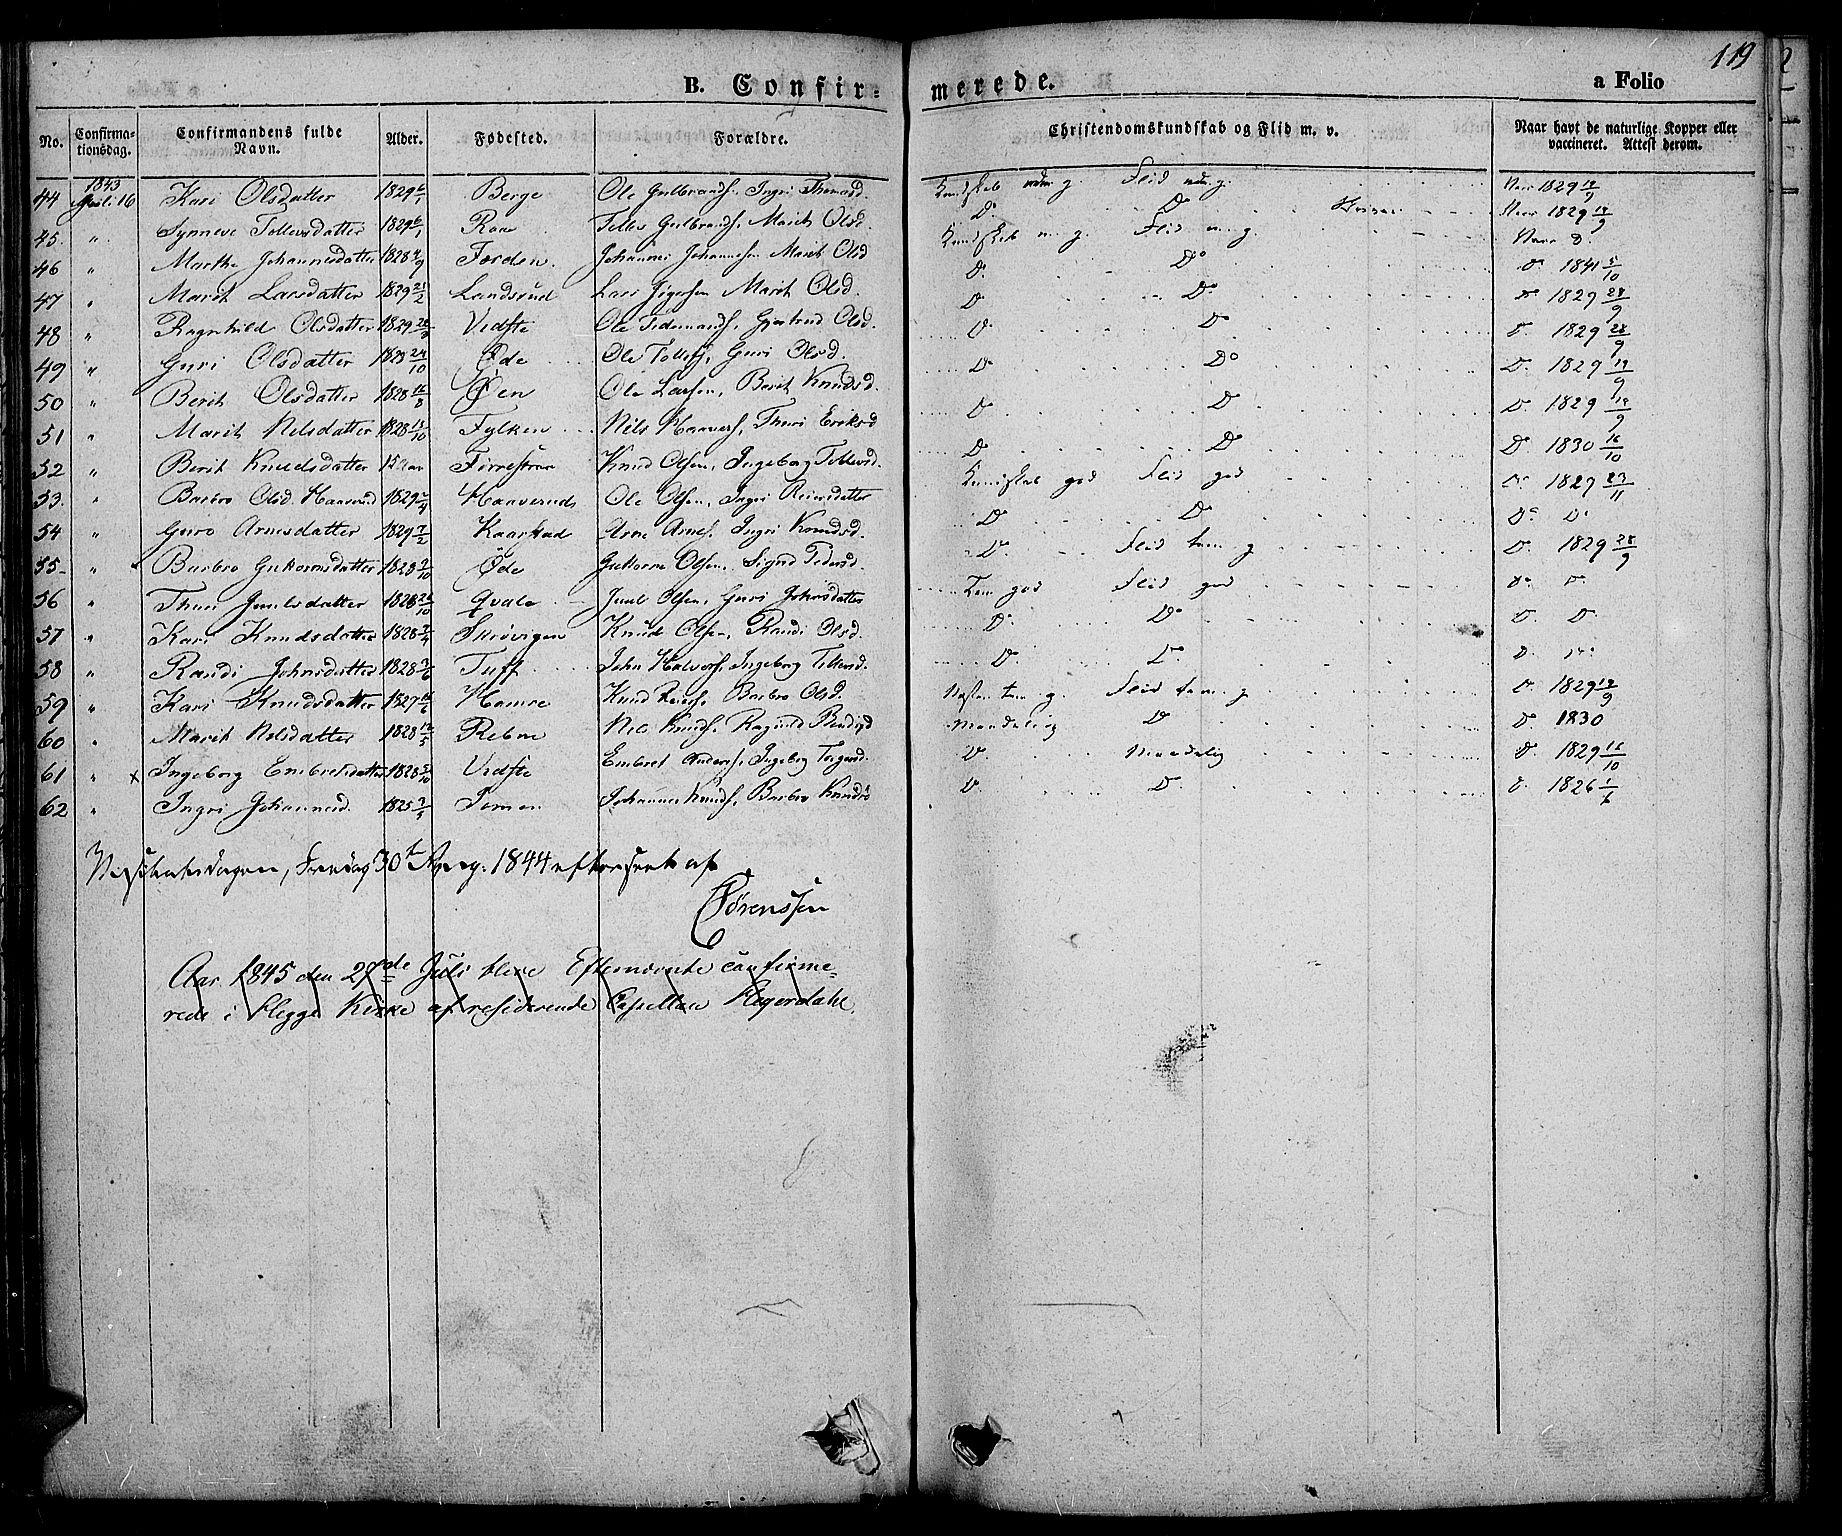 SAH, Slidre prestekontor, Ministerialbok nr. 3, 1831-1843, s. 119